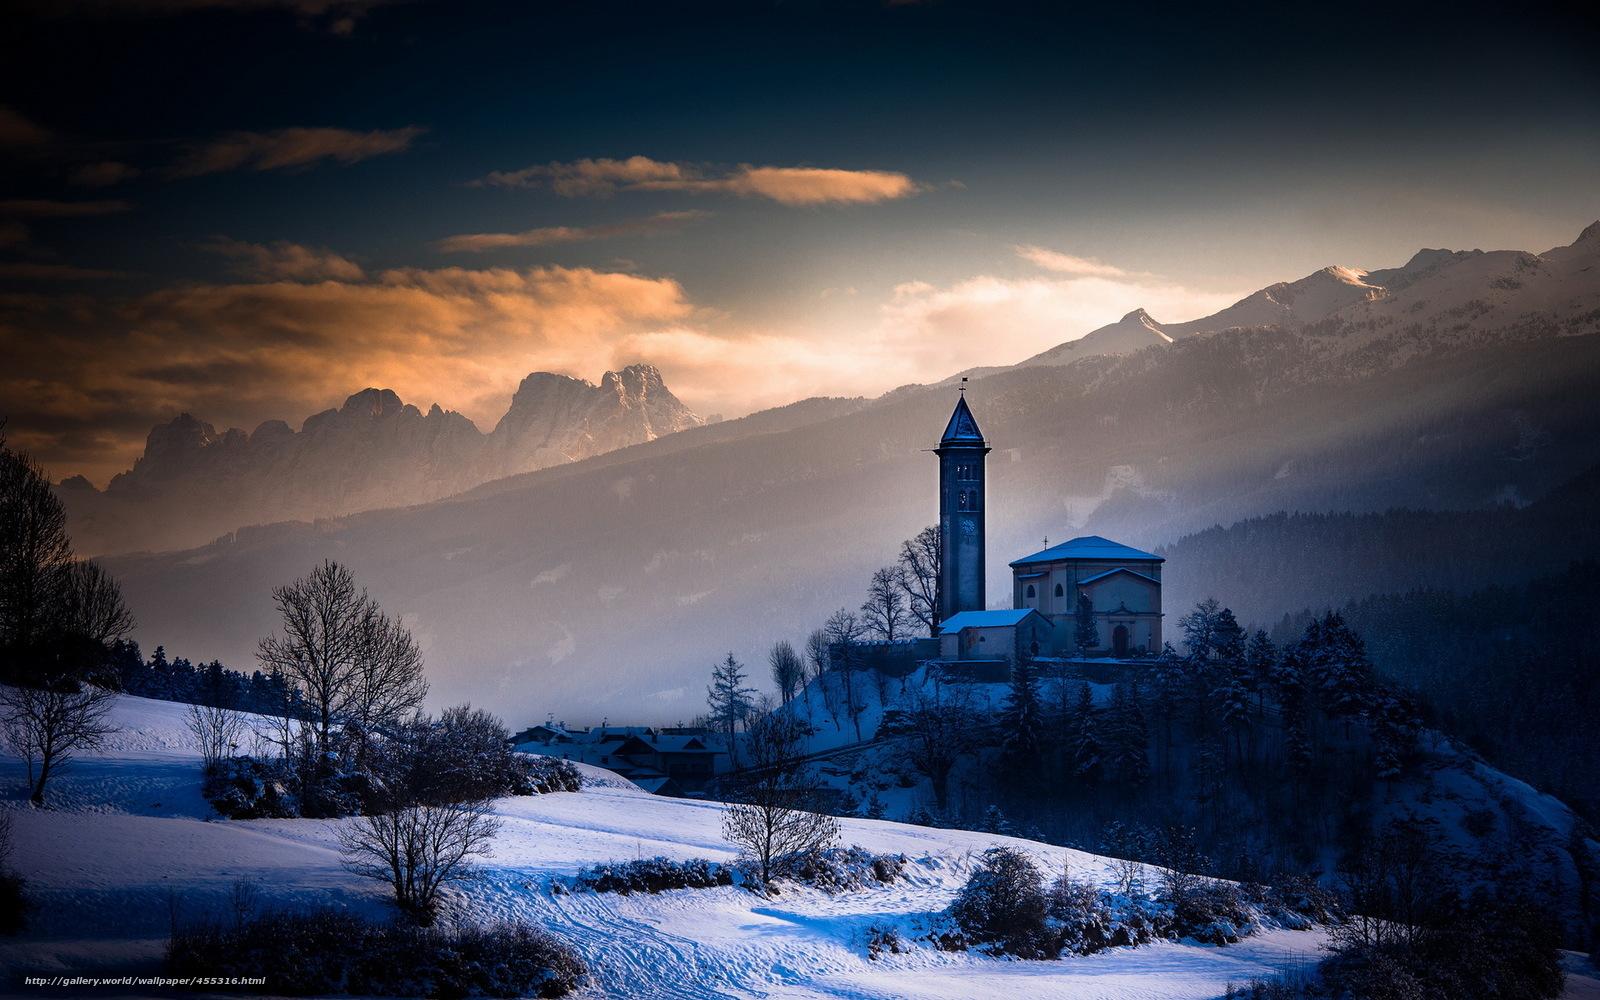 Scaricare gli sfondi italia trentino alto adige castello for Arredamento trentino alto adige